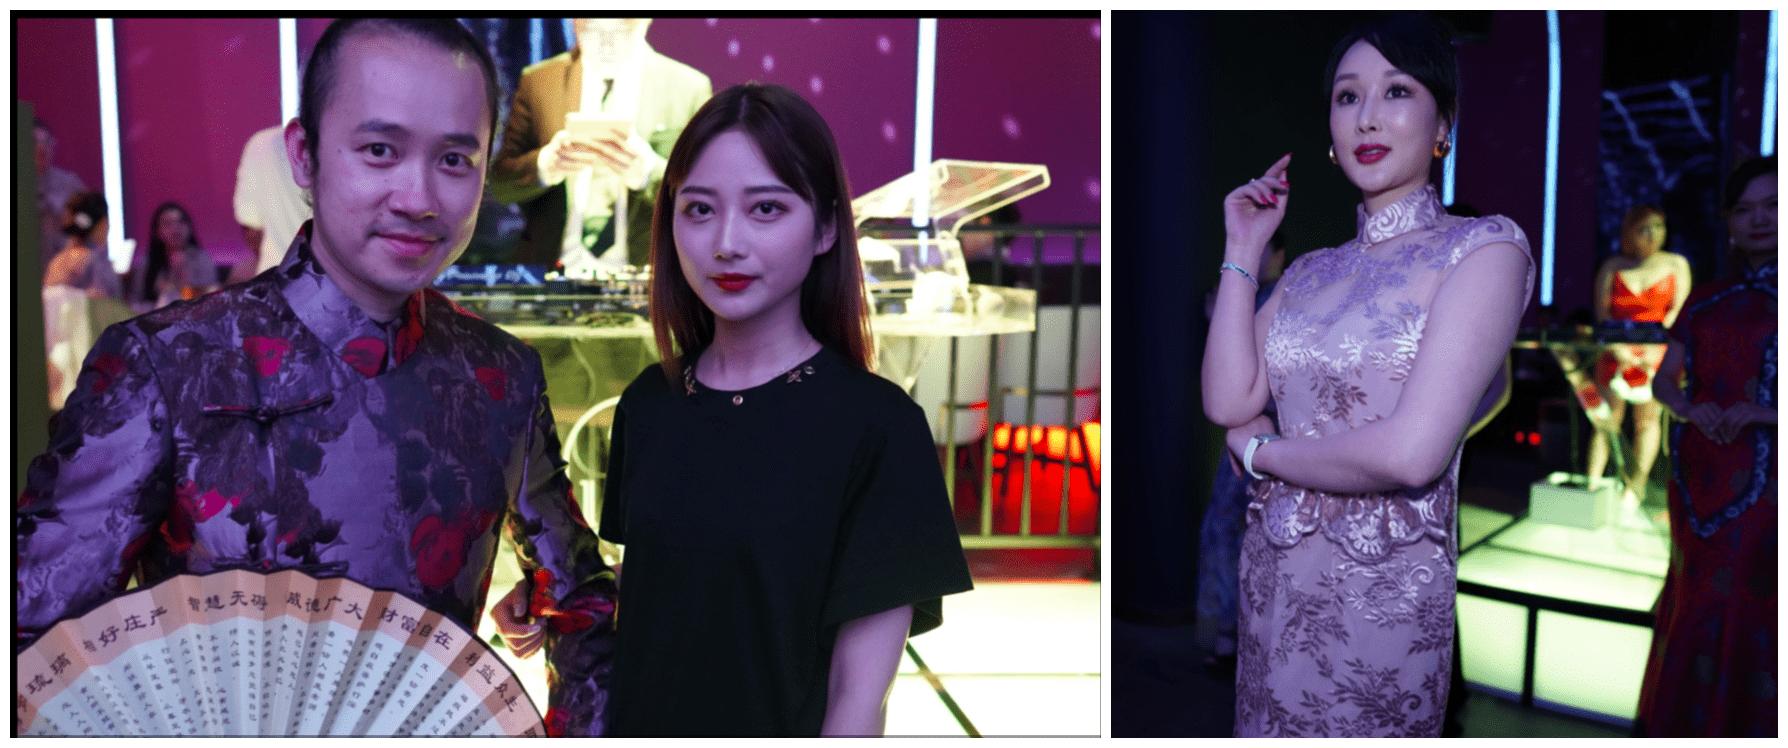 上海外滩Club 3 1/3 盛大开业典礼插图(6)